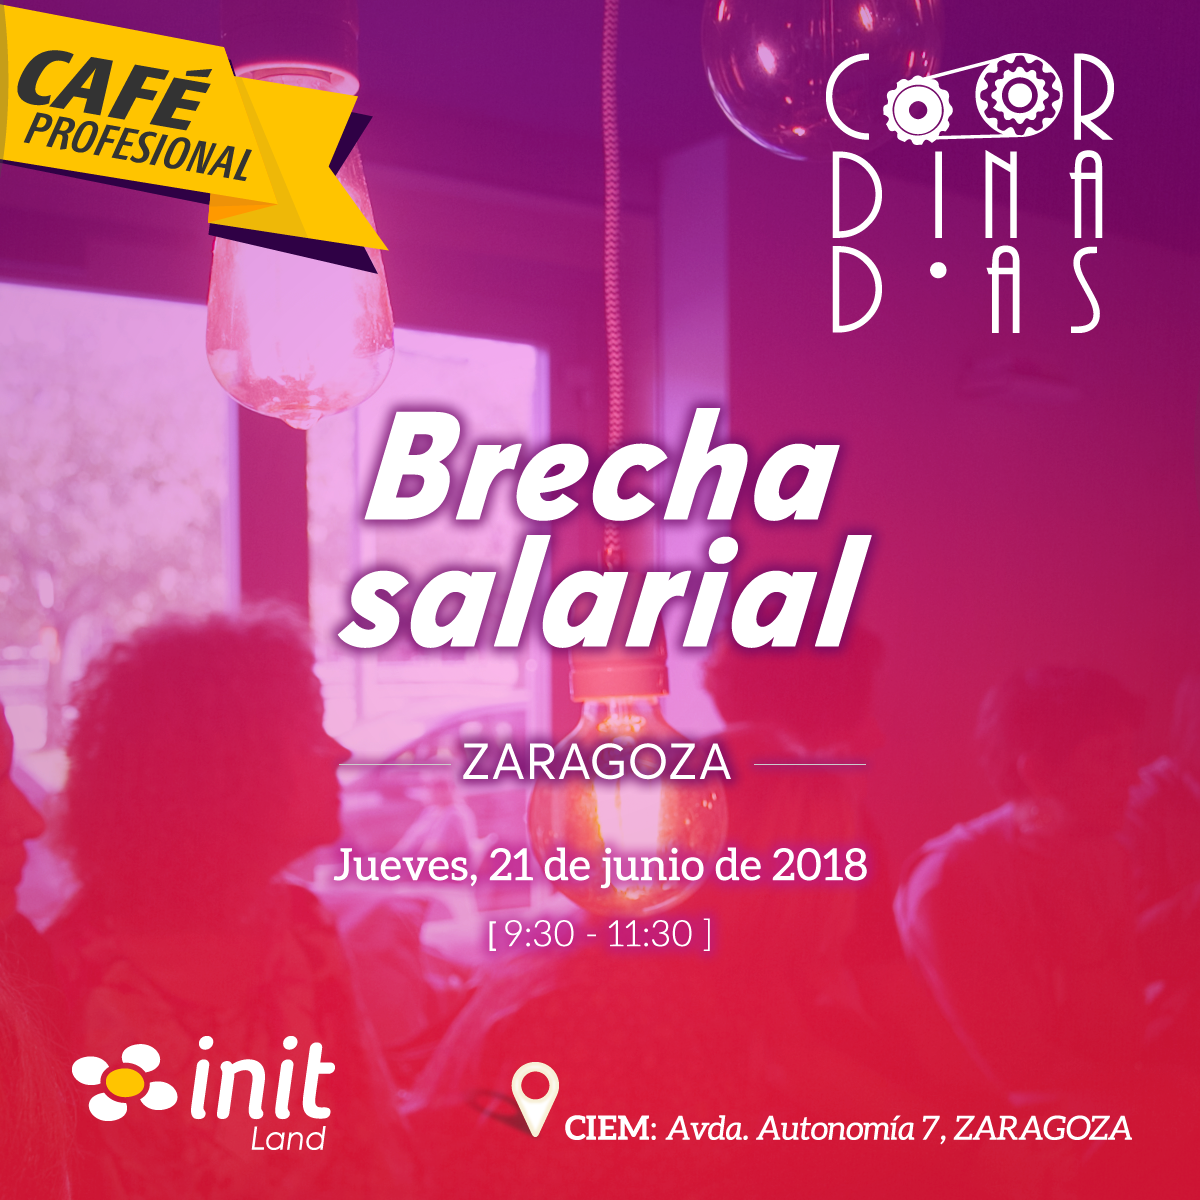 Café Profesional 'Brecha Salarial'